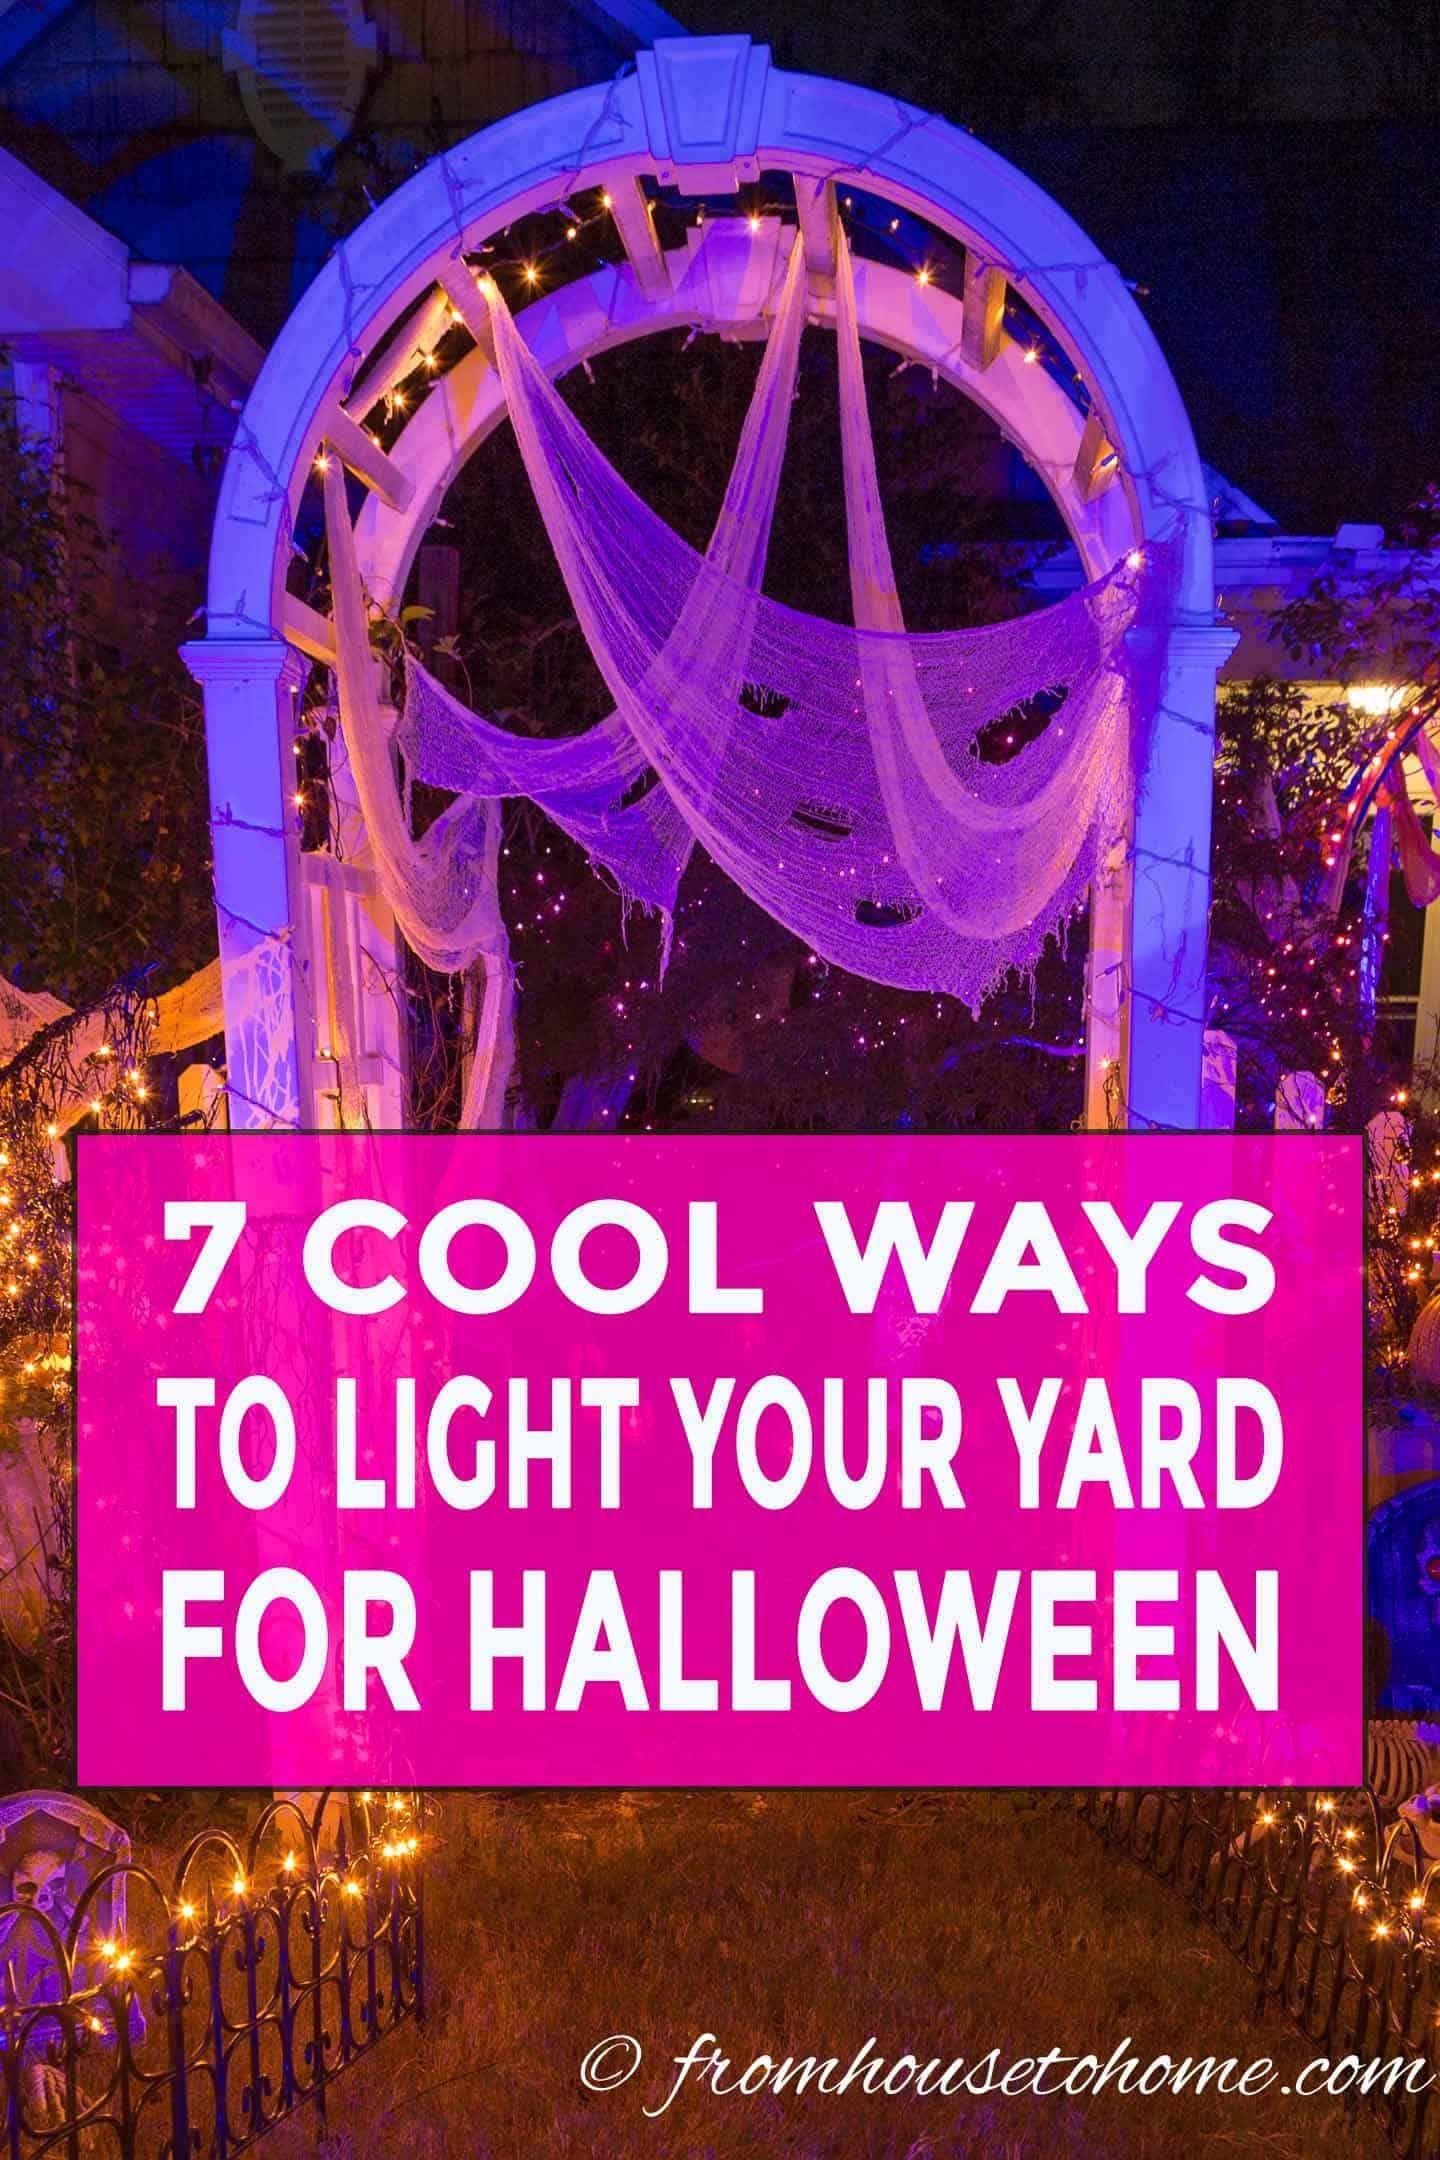 Halloween Outdoor Lighting: 7 Spooky Ways To Light Your Yard ...